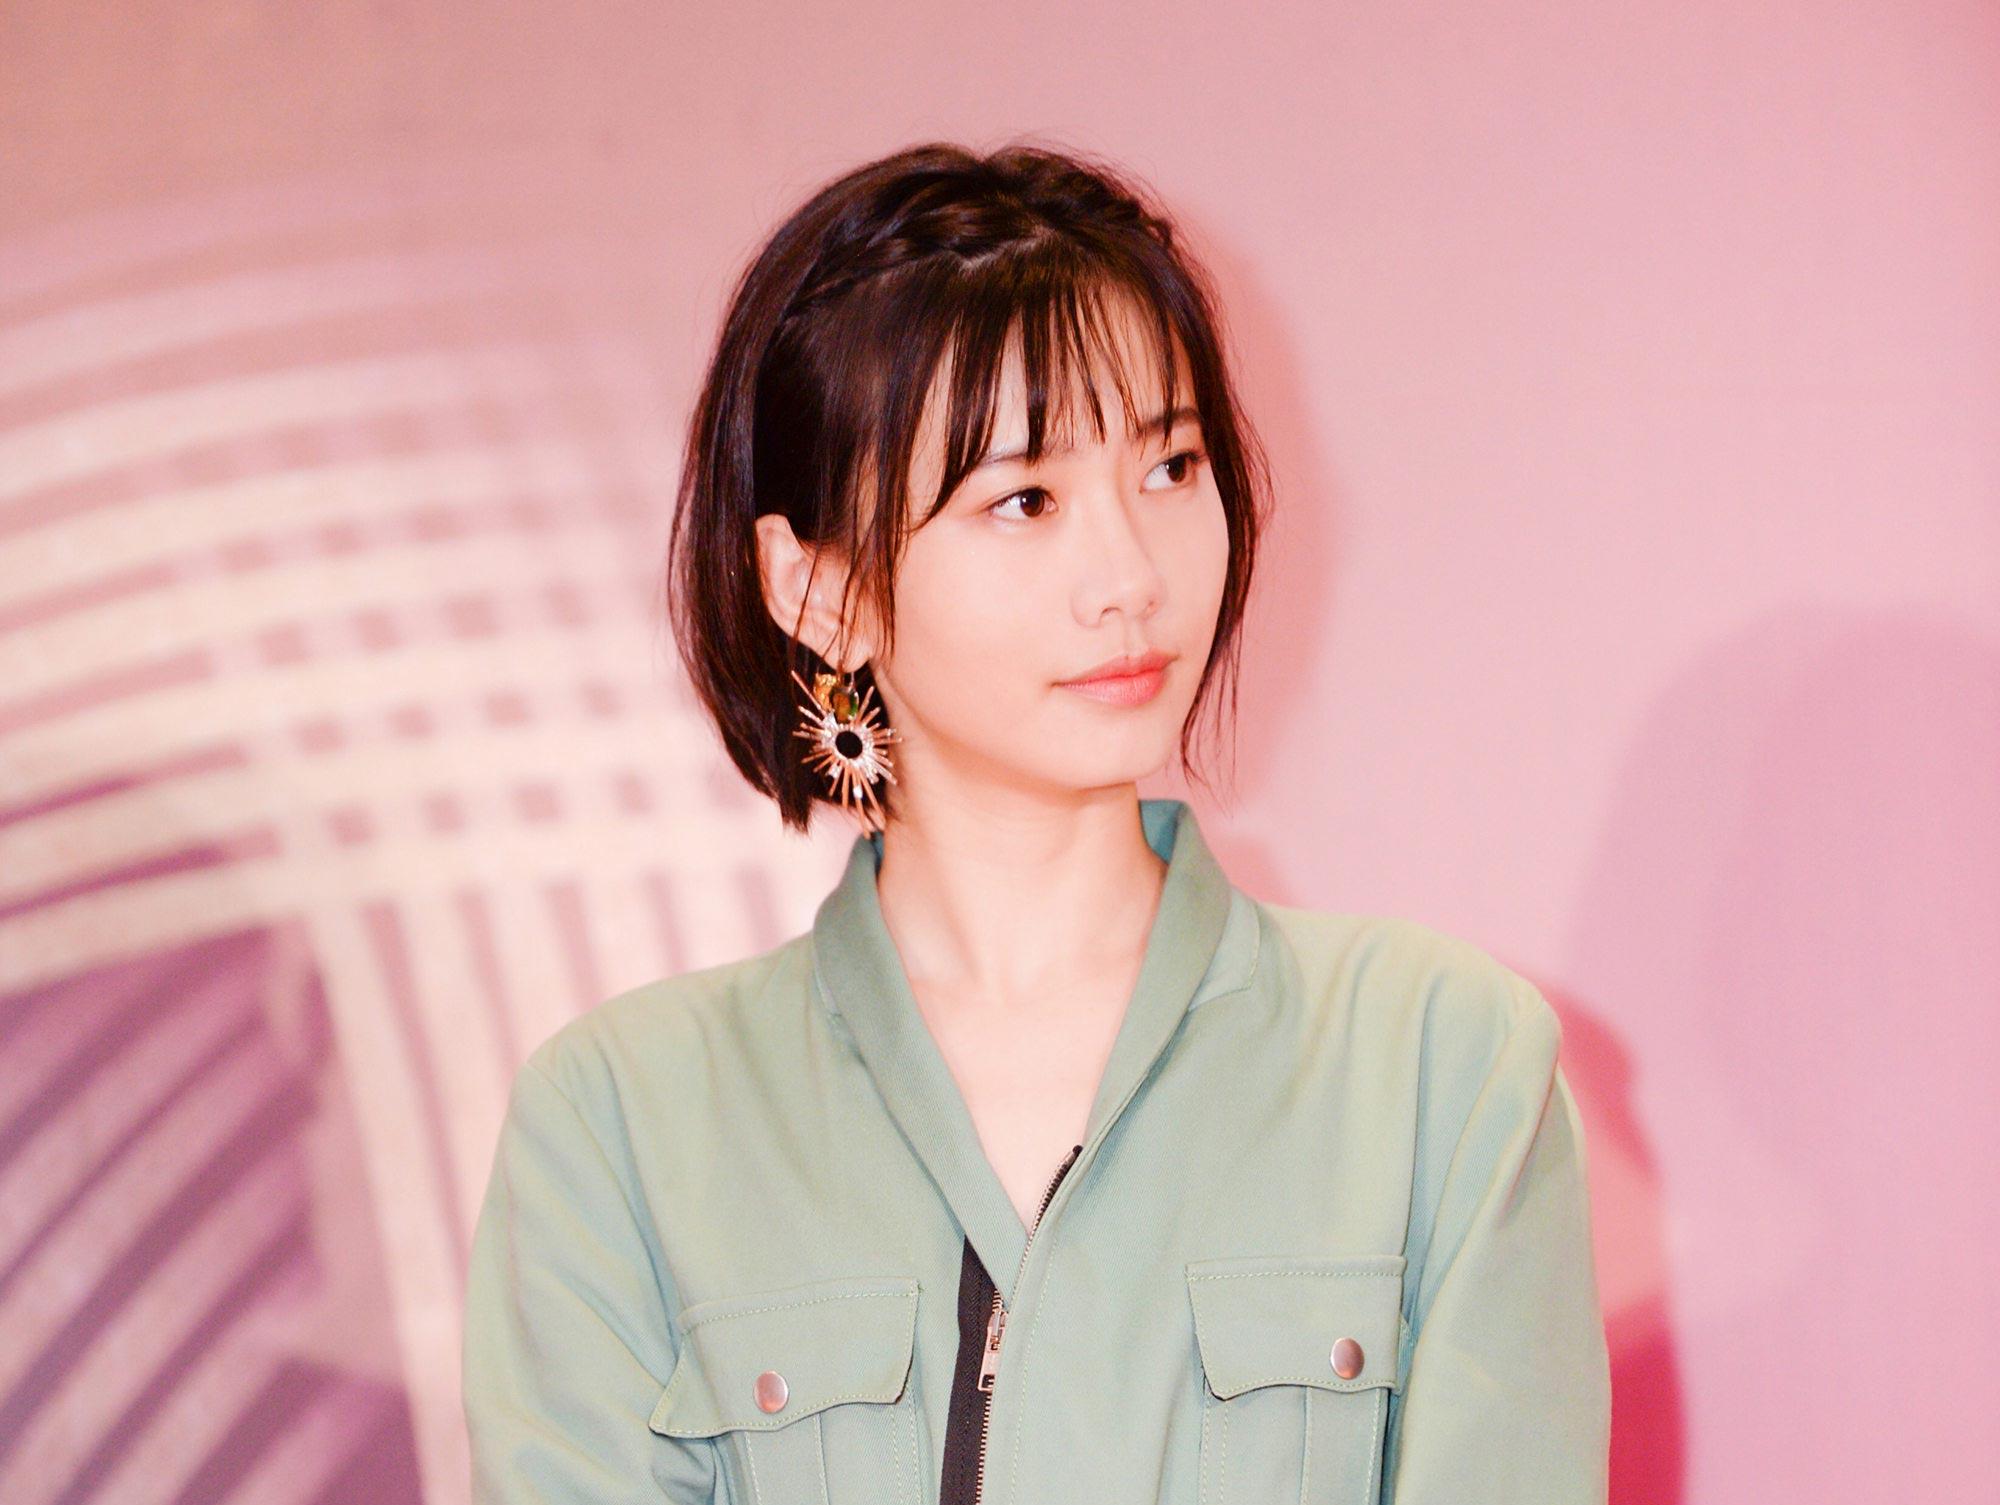 郭姝彤《镜像人·明日青春》上海展映